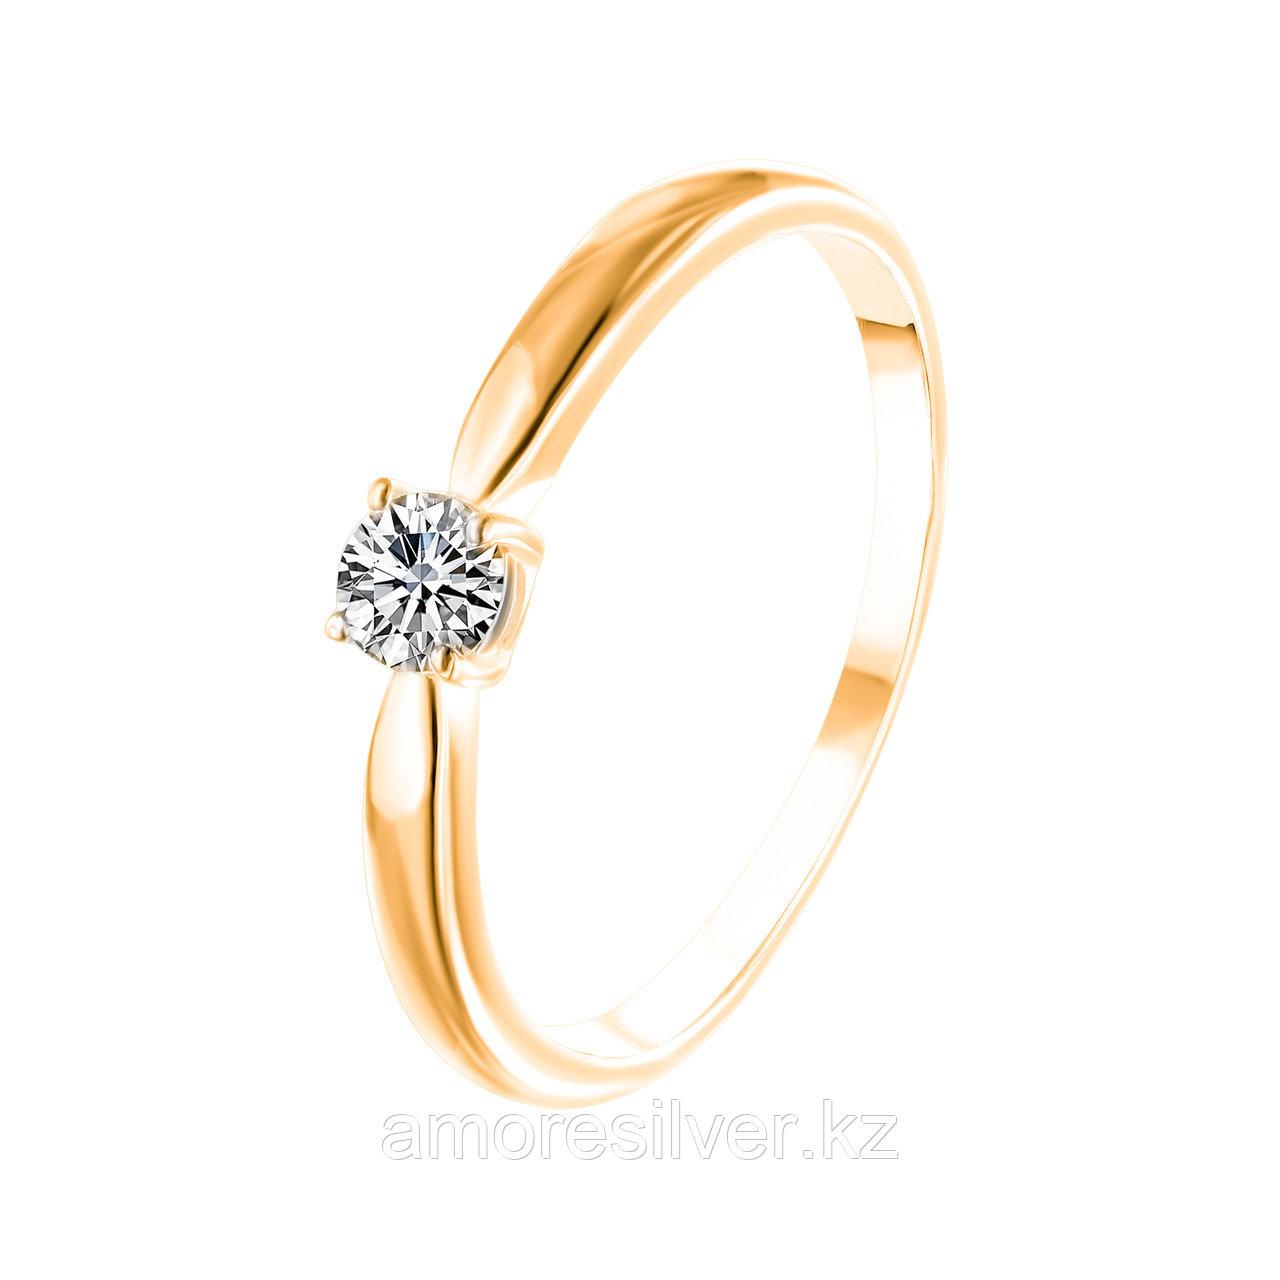 Кольцо TEOSA серебро с позолотой, фианит 20119-0607-CZ размеры - 16